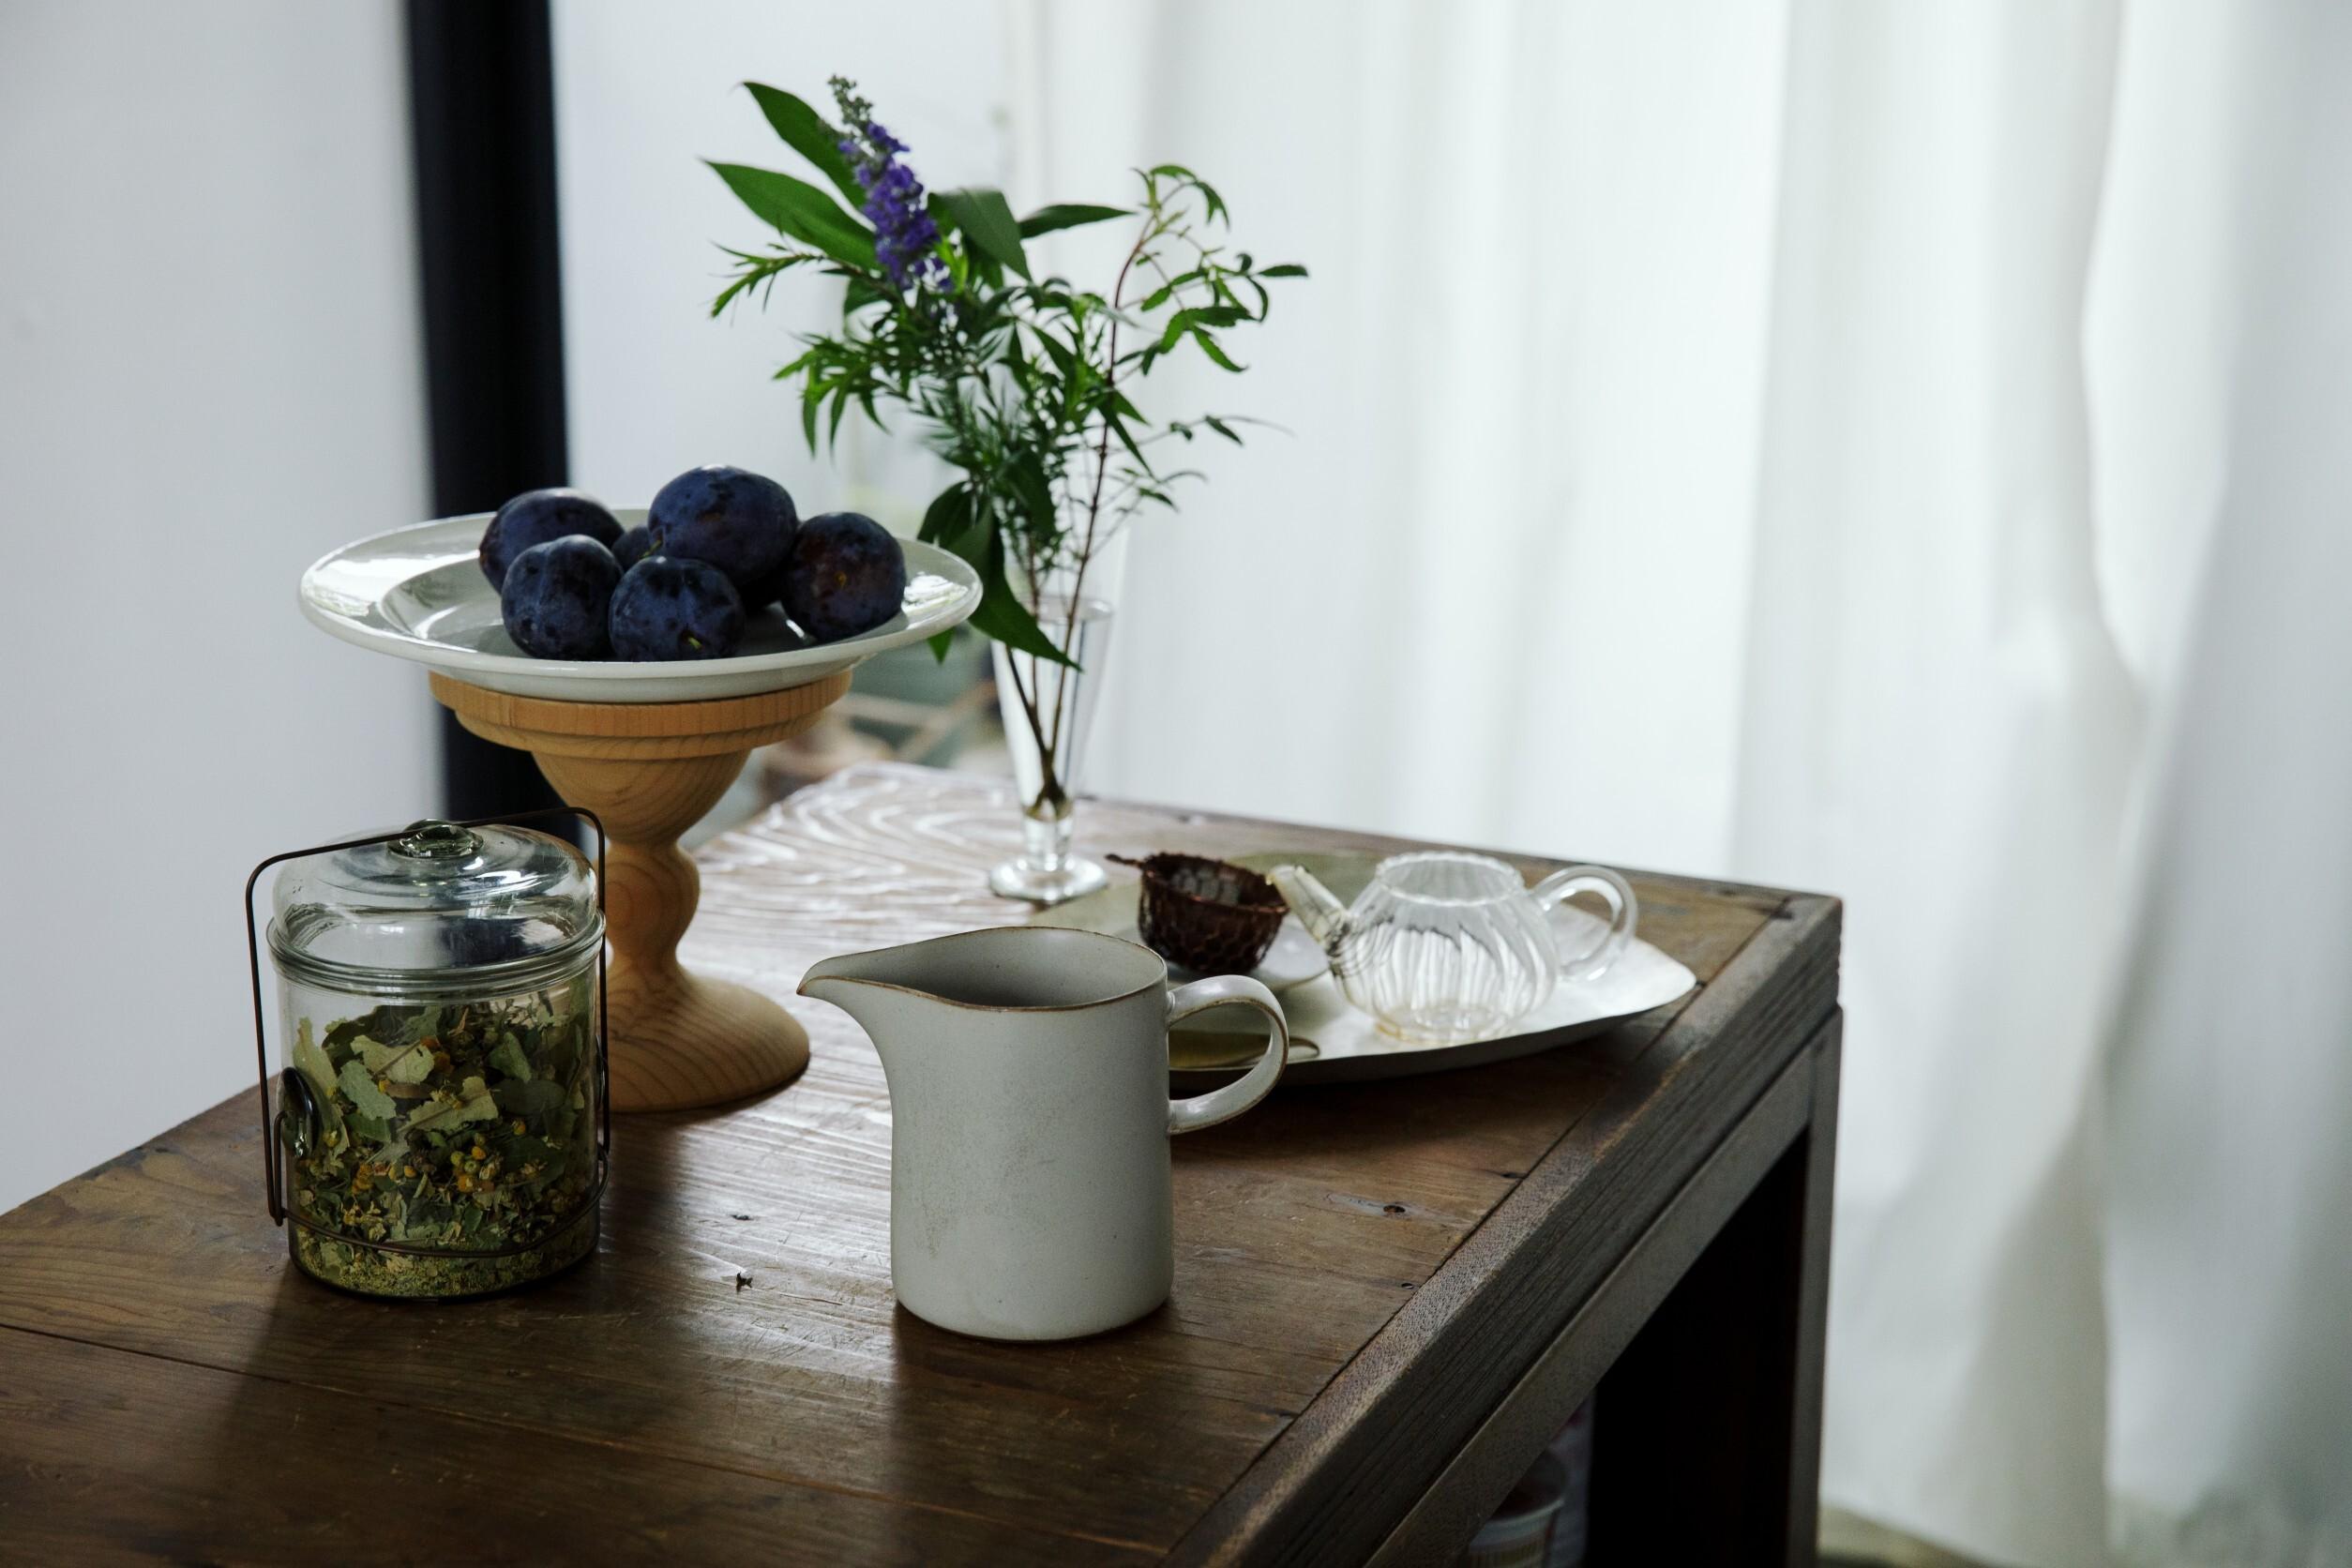 seed × yumiko iihoshi porcelain コラボレーション ピッチャーとキッチンハーブブーケset